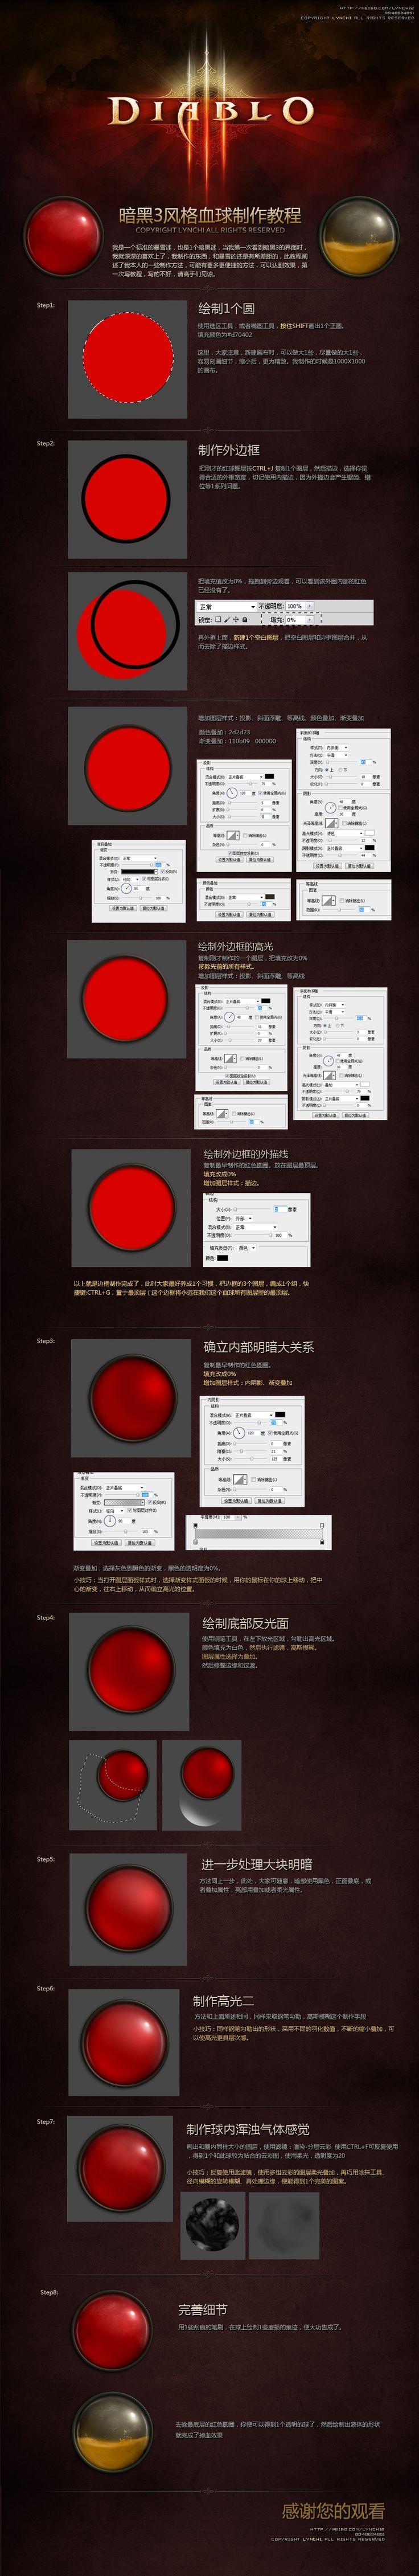 暗黑3风格血球制作 [教程]  GAMEUI- 游戏设计圈聚集地   游戏UI   游戏界面   游戏图标   游戏网站   游戏群   游戏设计: